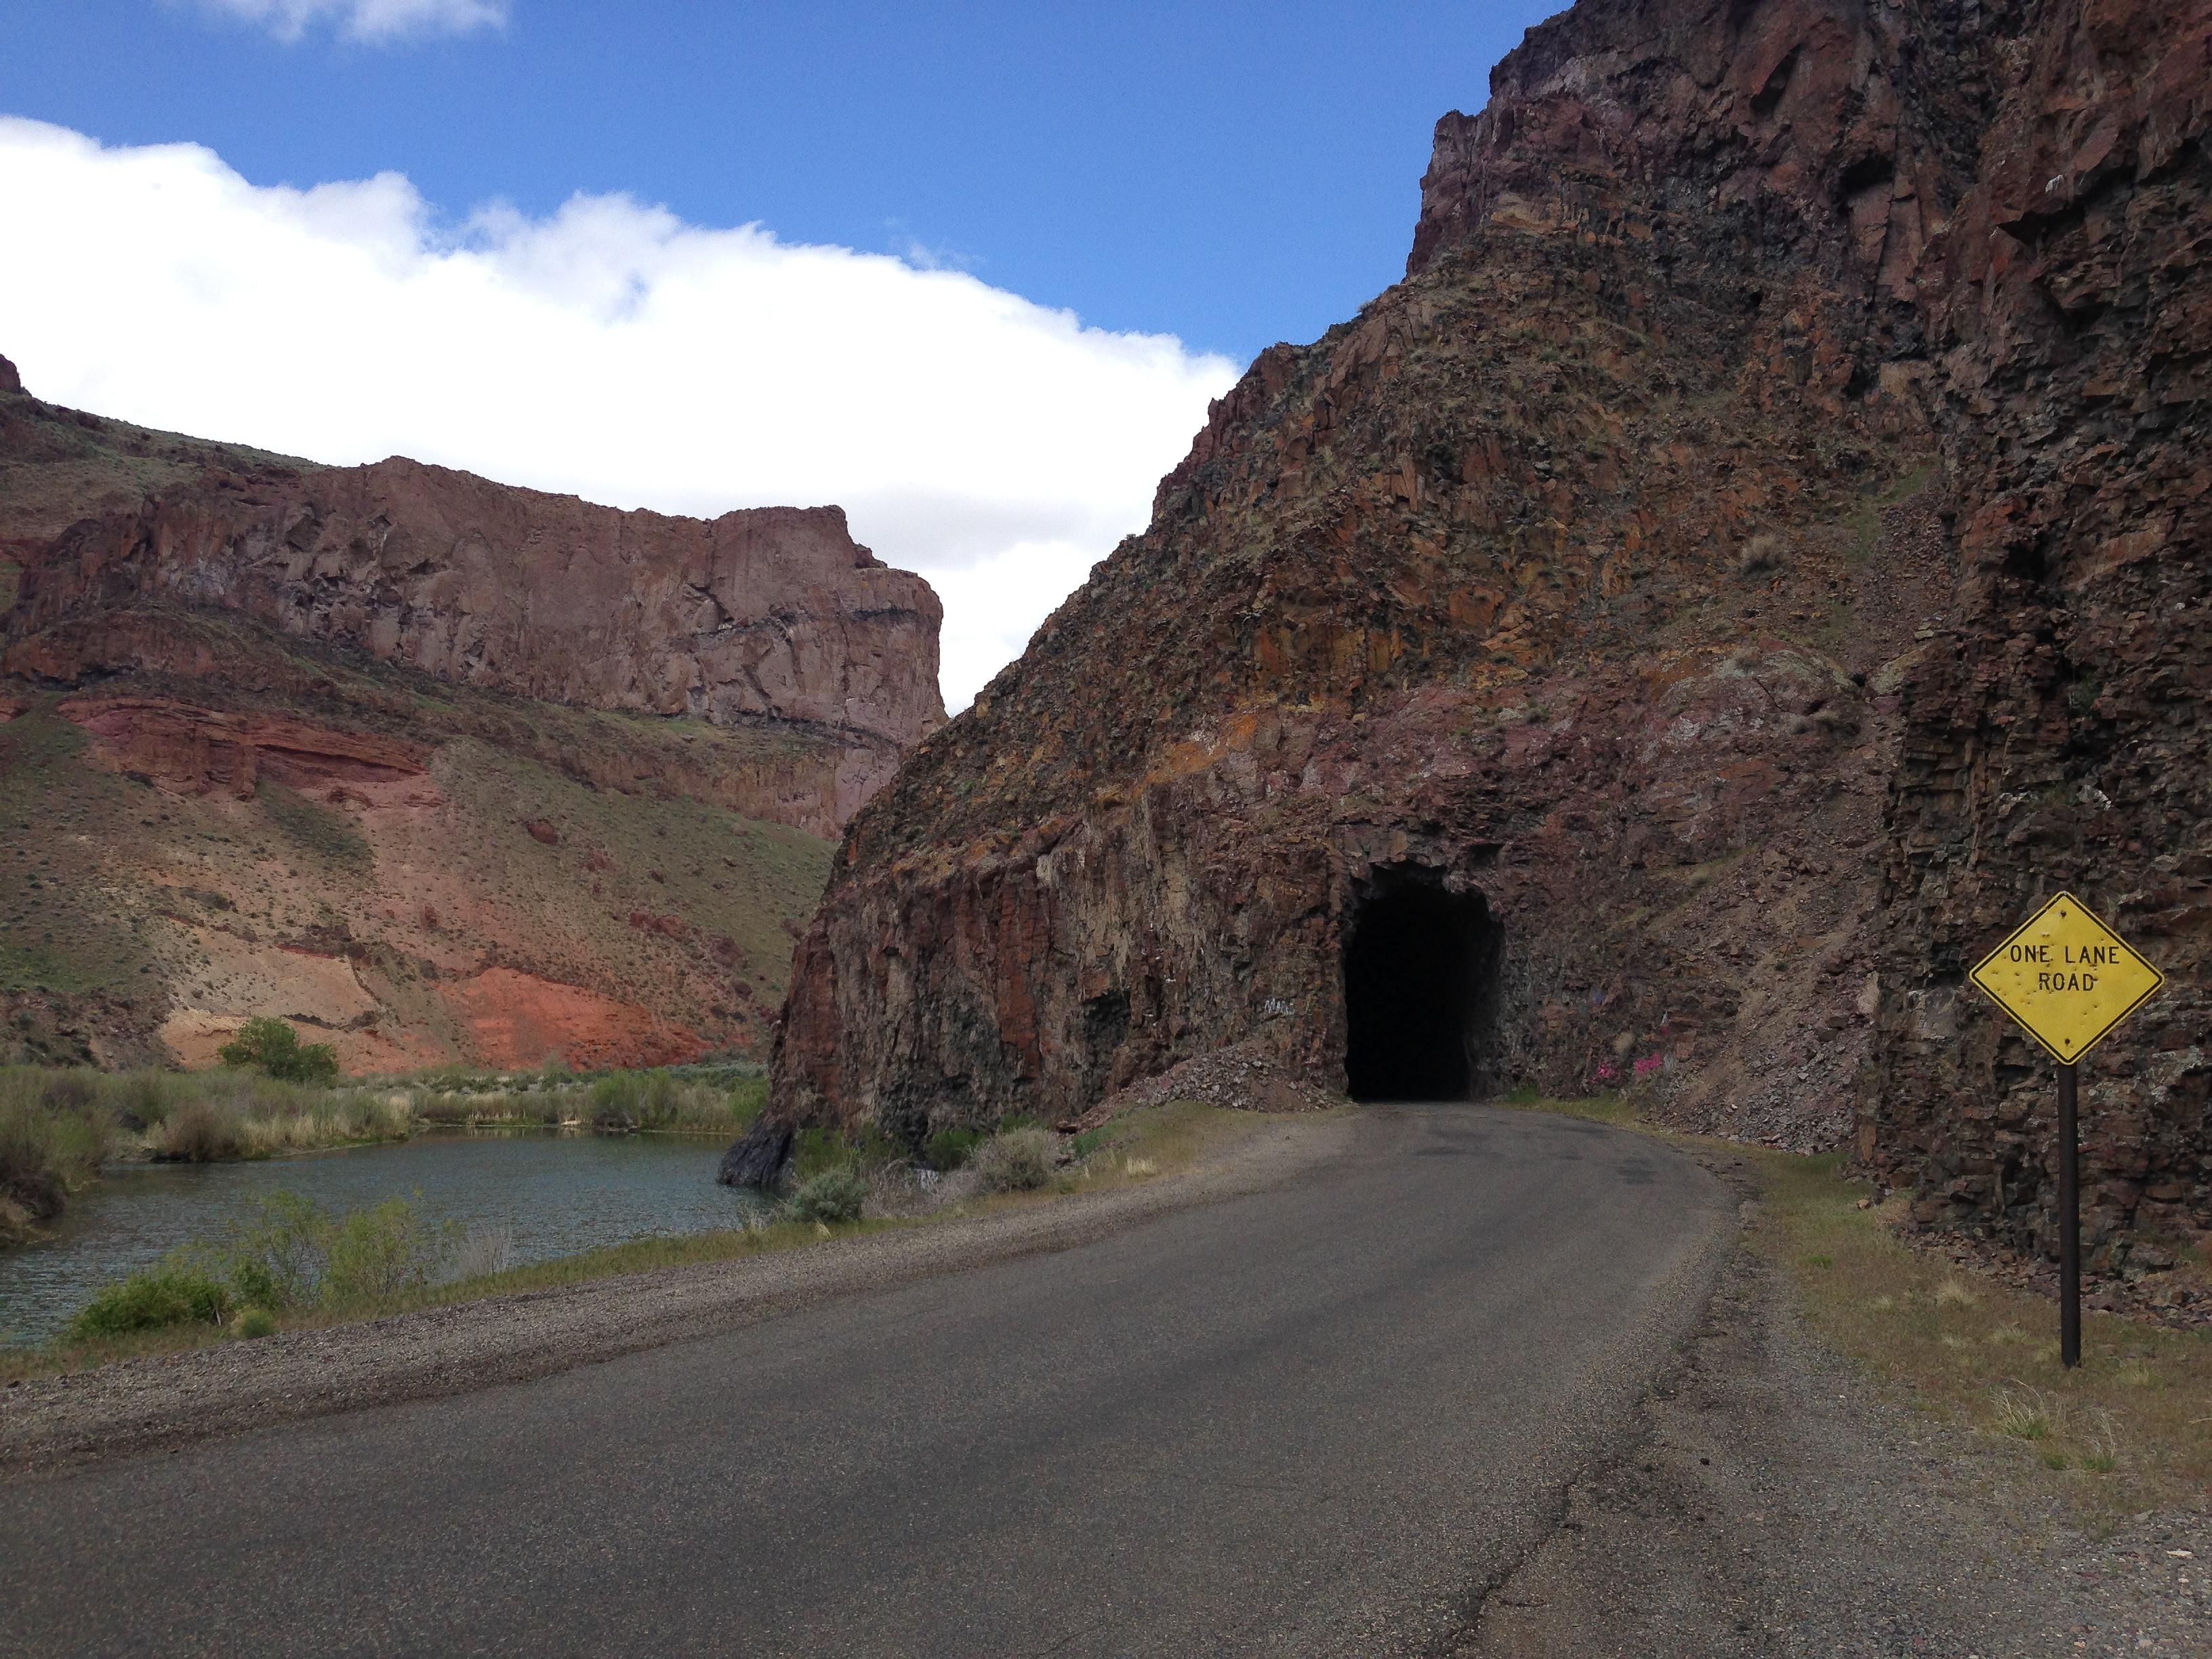 The Owyhee Tunnel